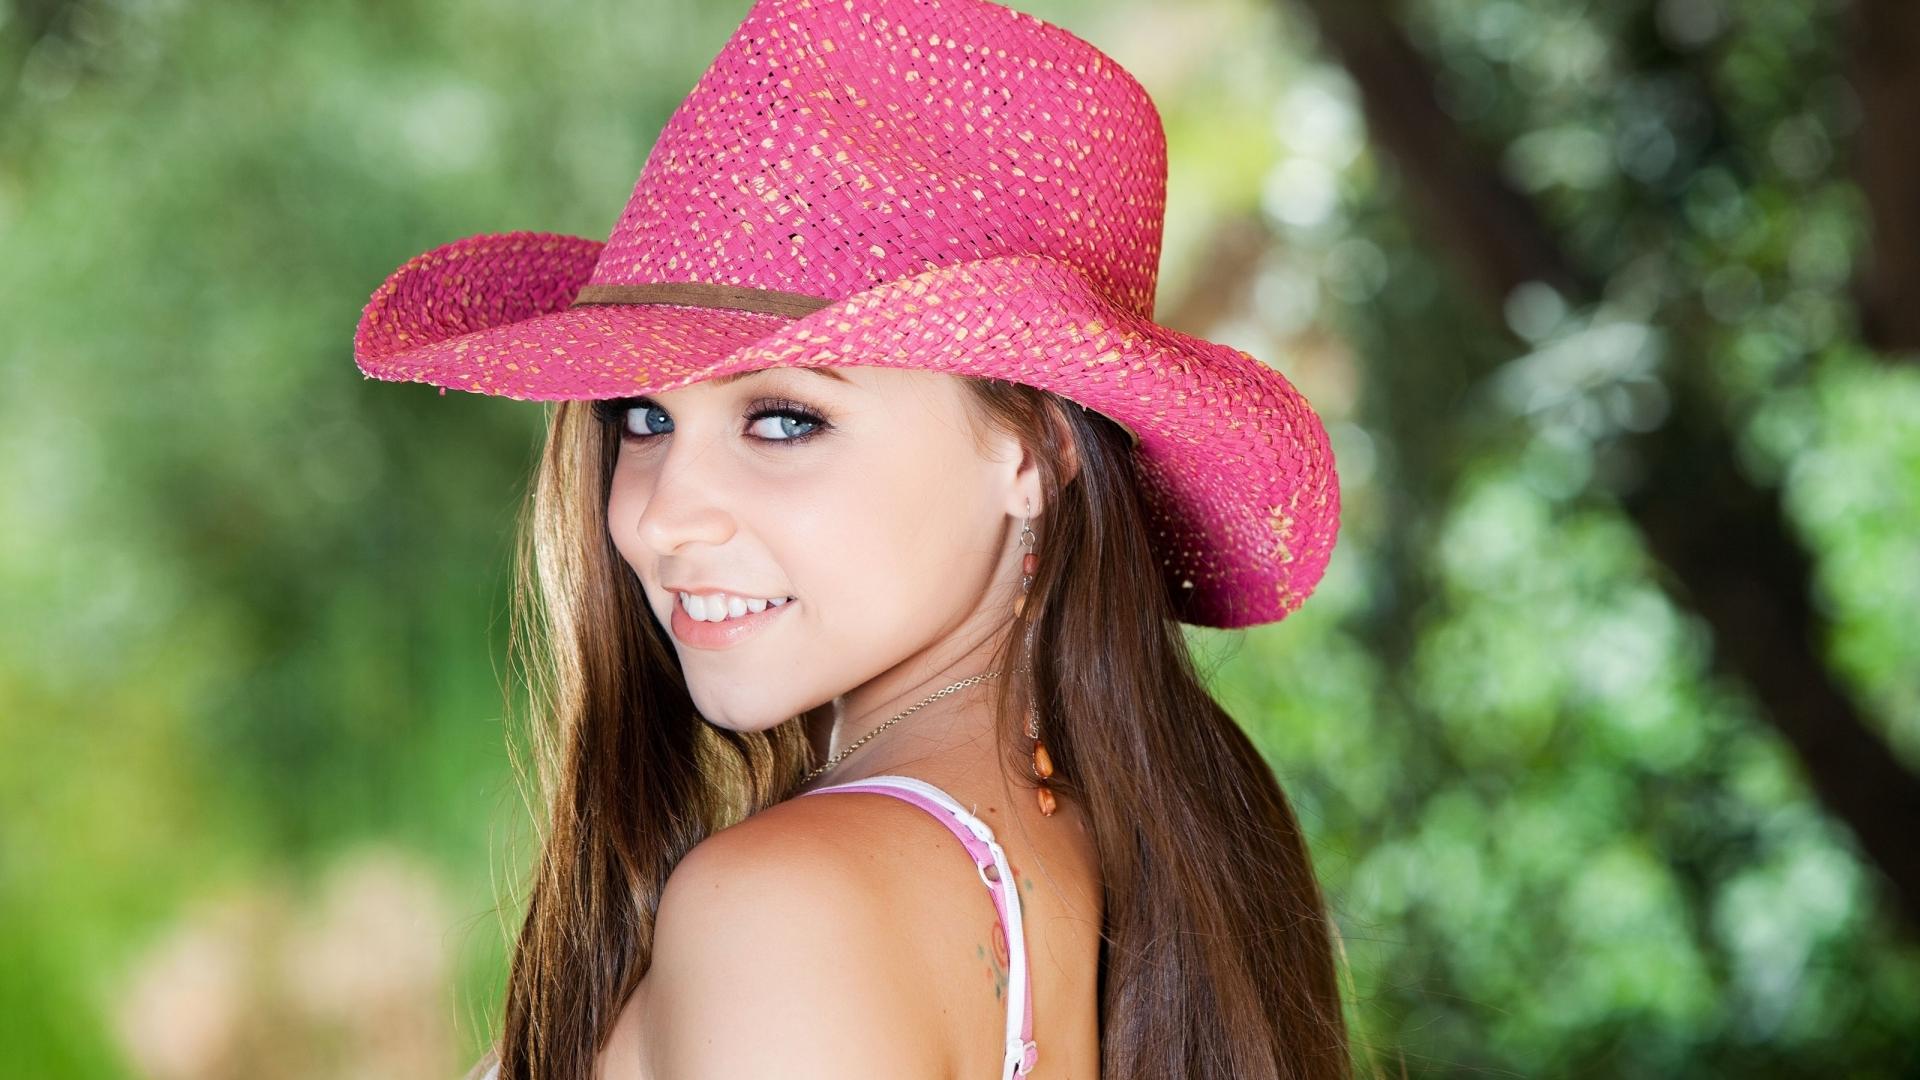 Sombrero rosado - 1920x1080